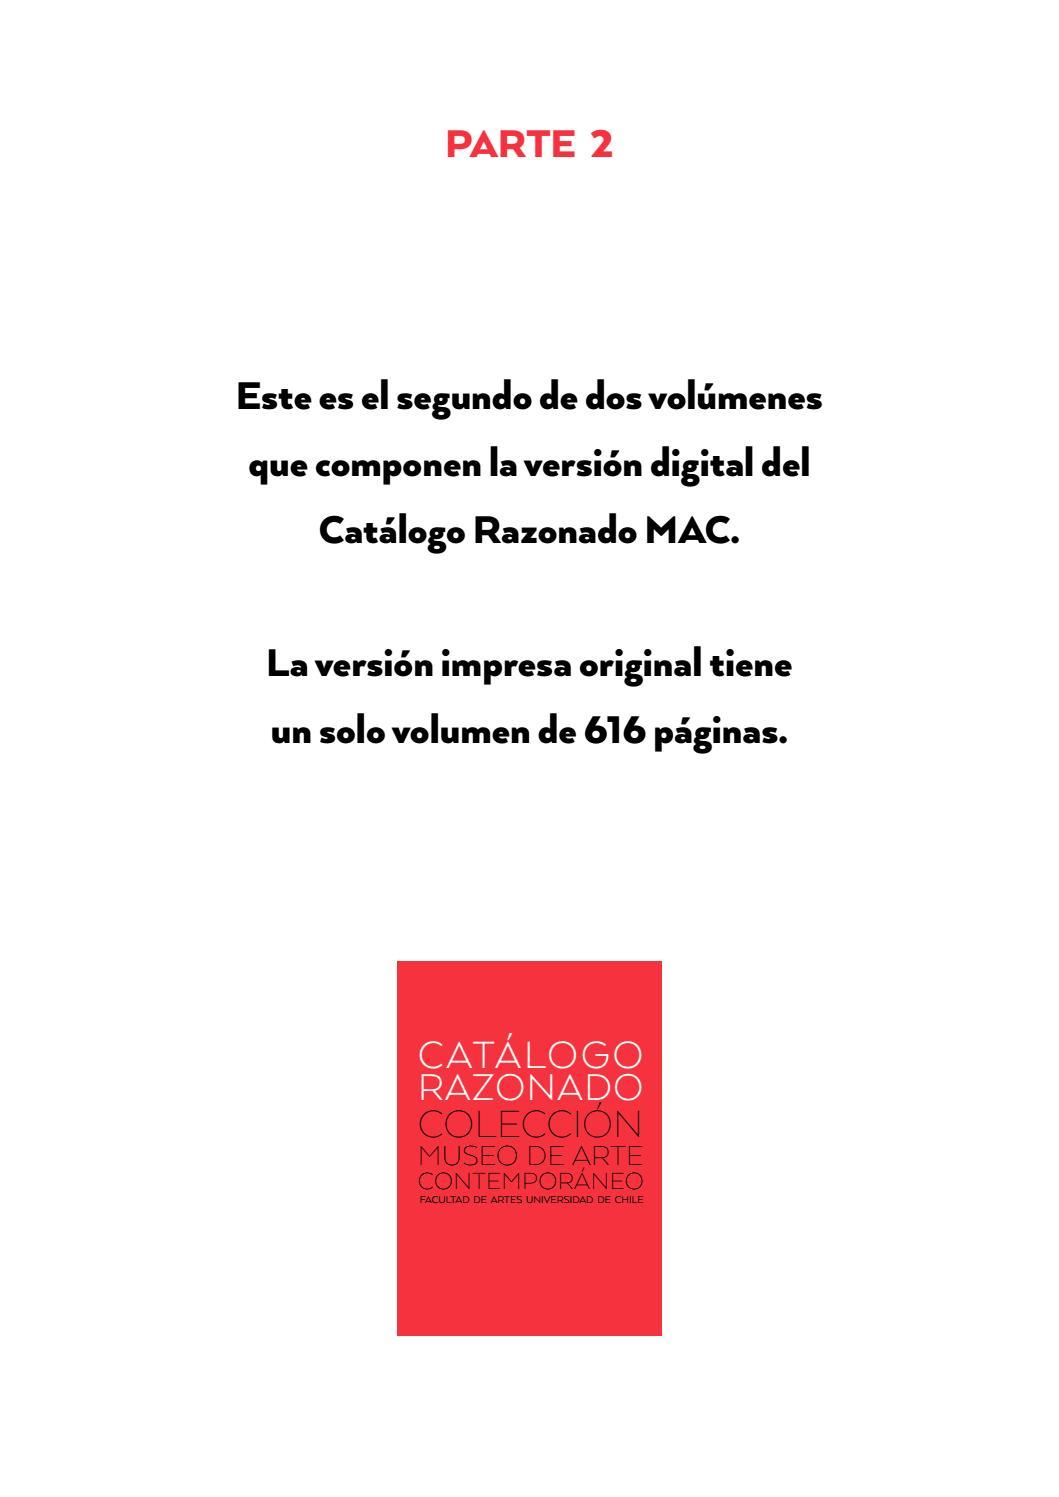 2 De 2 Catálogo Razonado Museo De Arte Contemporáneo By